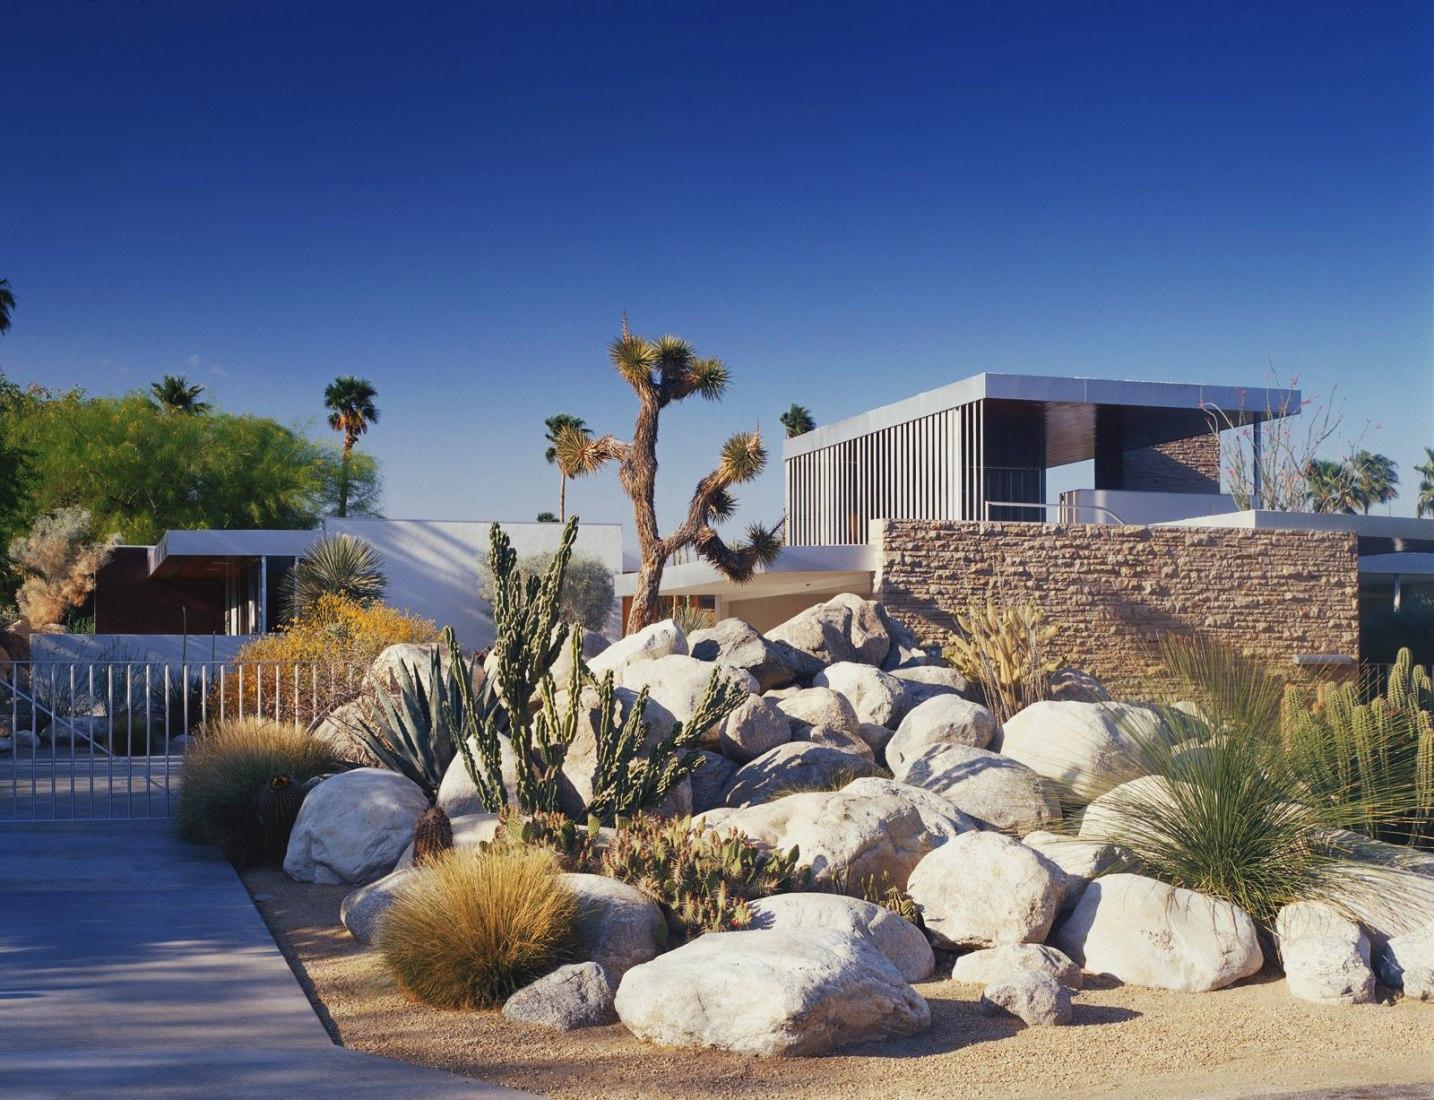 Casa Kaufmann del desierto por Richard Neutra. Fotografía por Daniel Solomon, cortesía de Vista Sotheby's International Realty